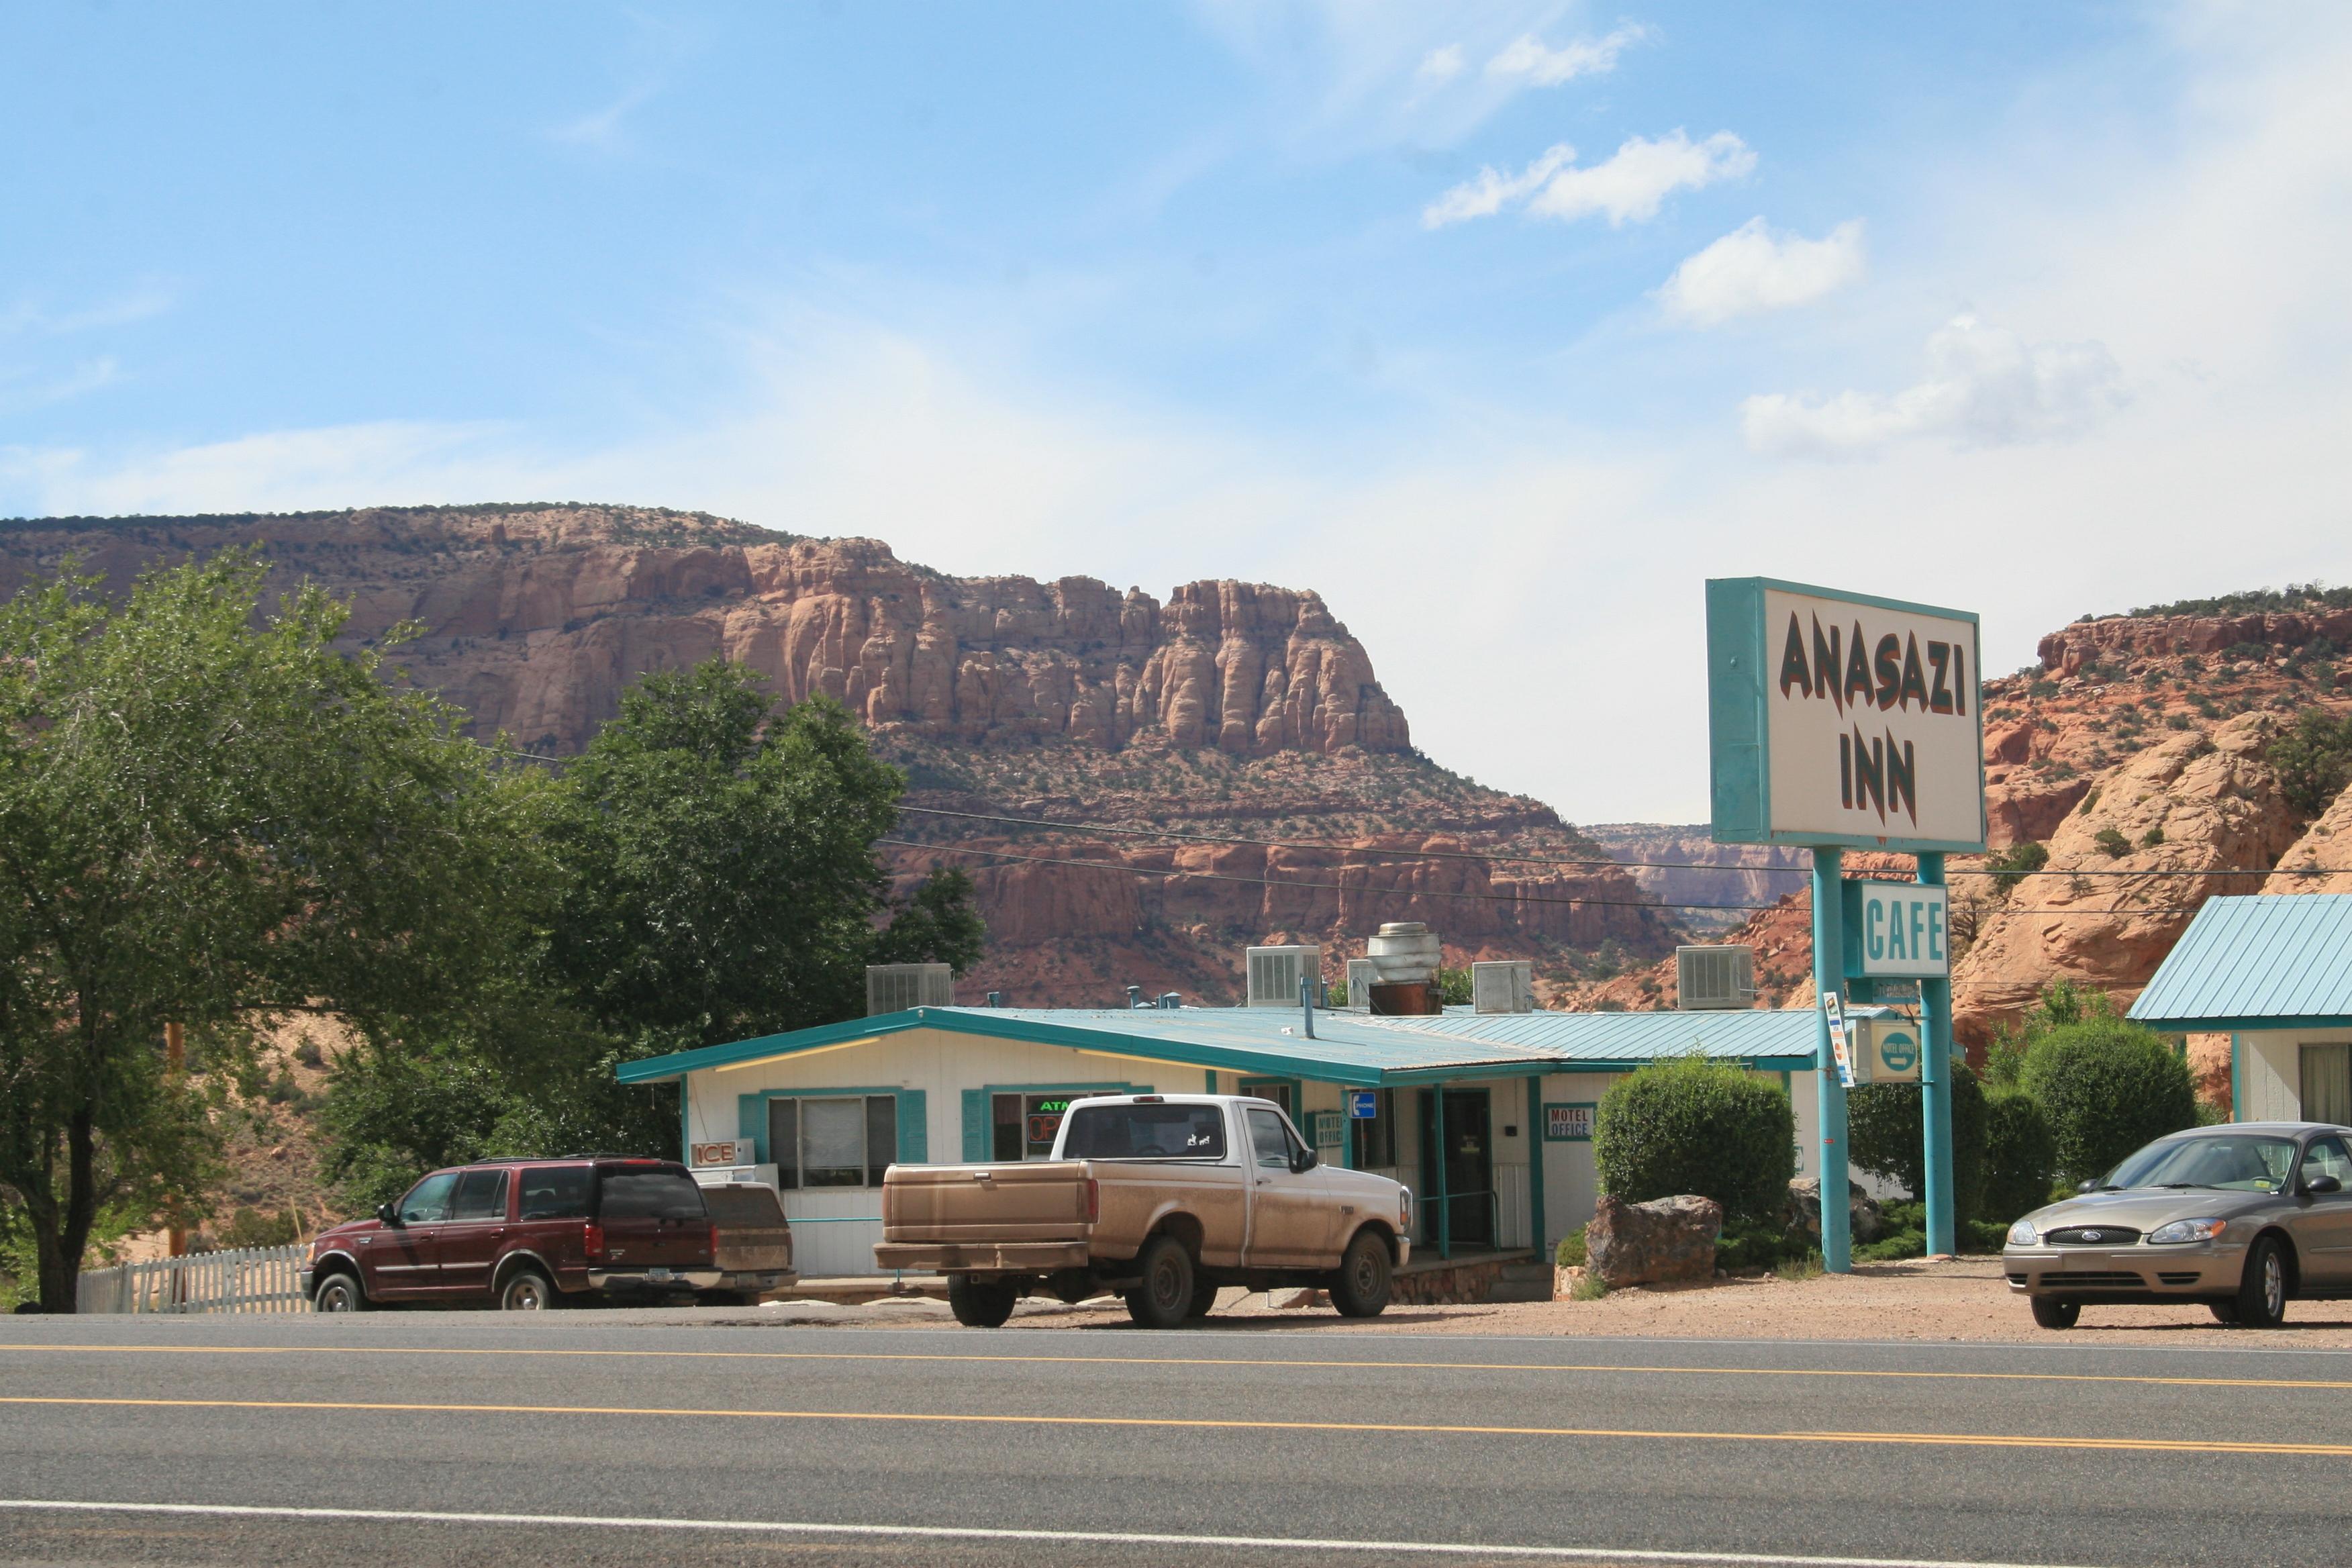 Usa Inn Motel